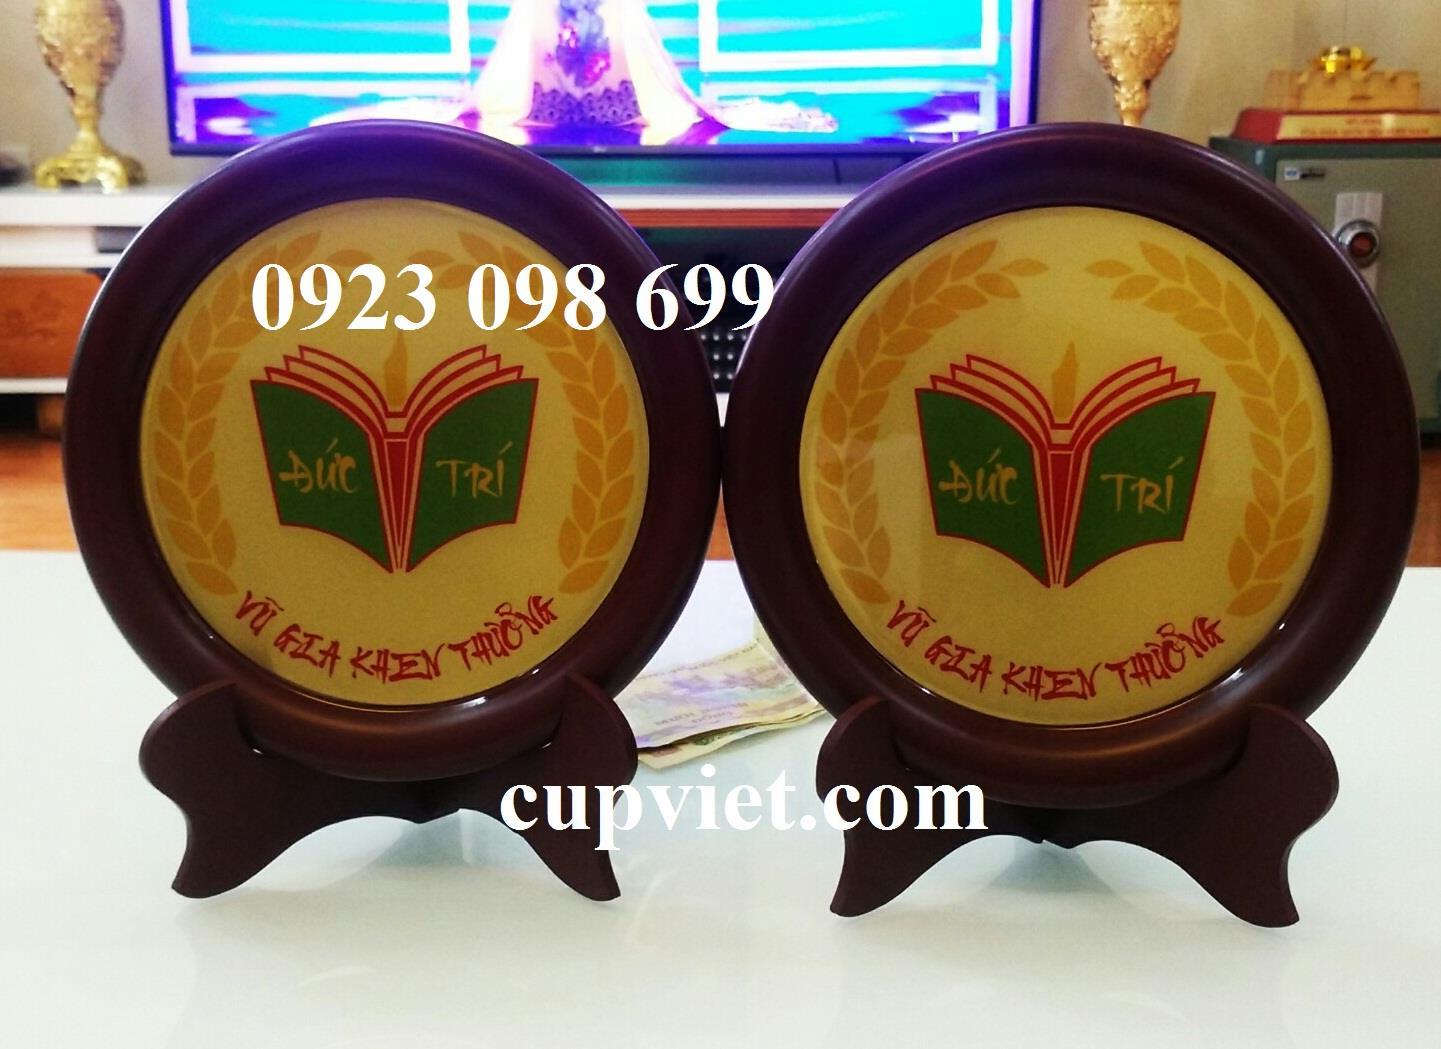 Cung cấp đĩa đồng vinh danh,dãi đồng kỷ niệm, quà tặng truyền thống, đúc đĩa quà